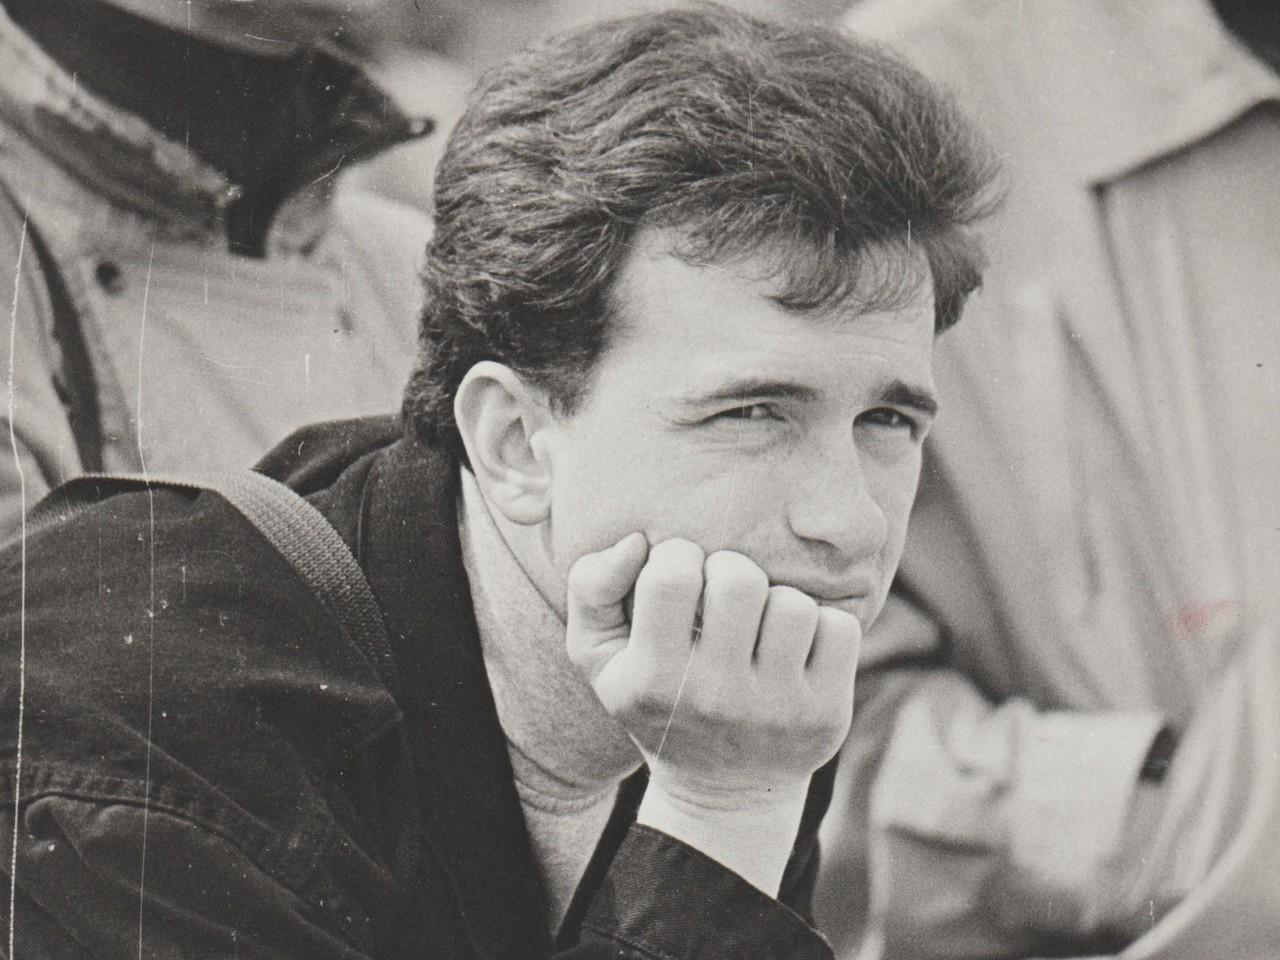 К 1993 году Роман Грибанов поменял взгляды